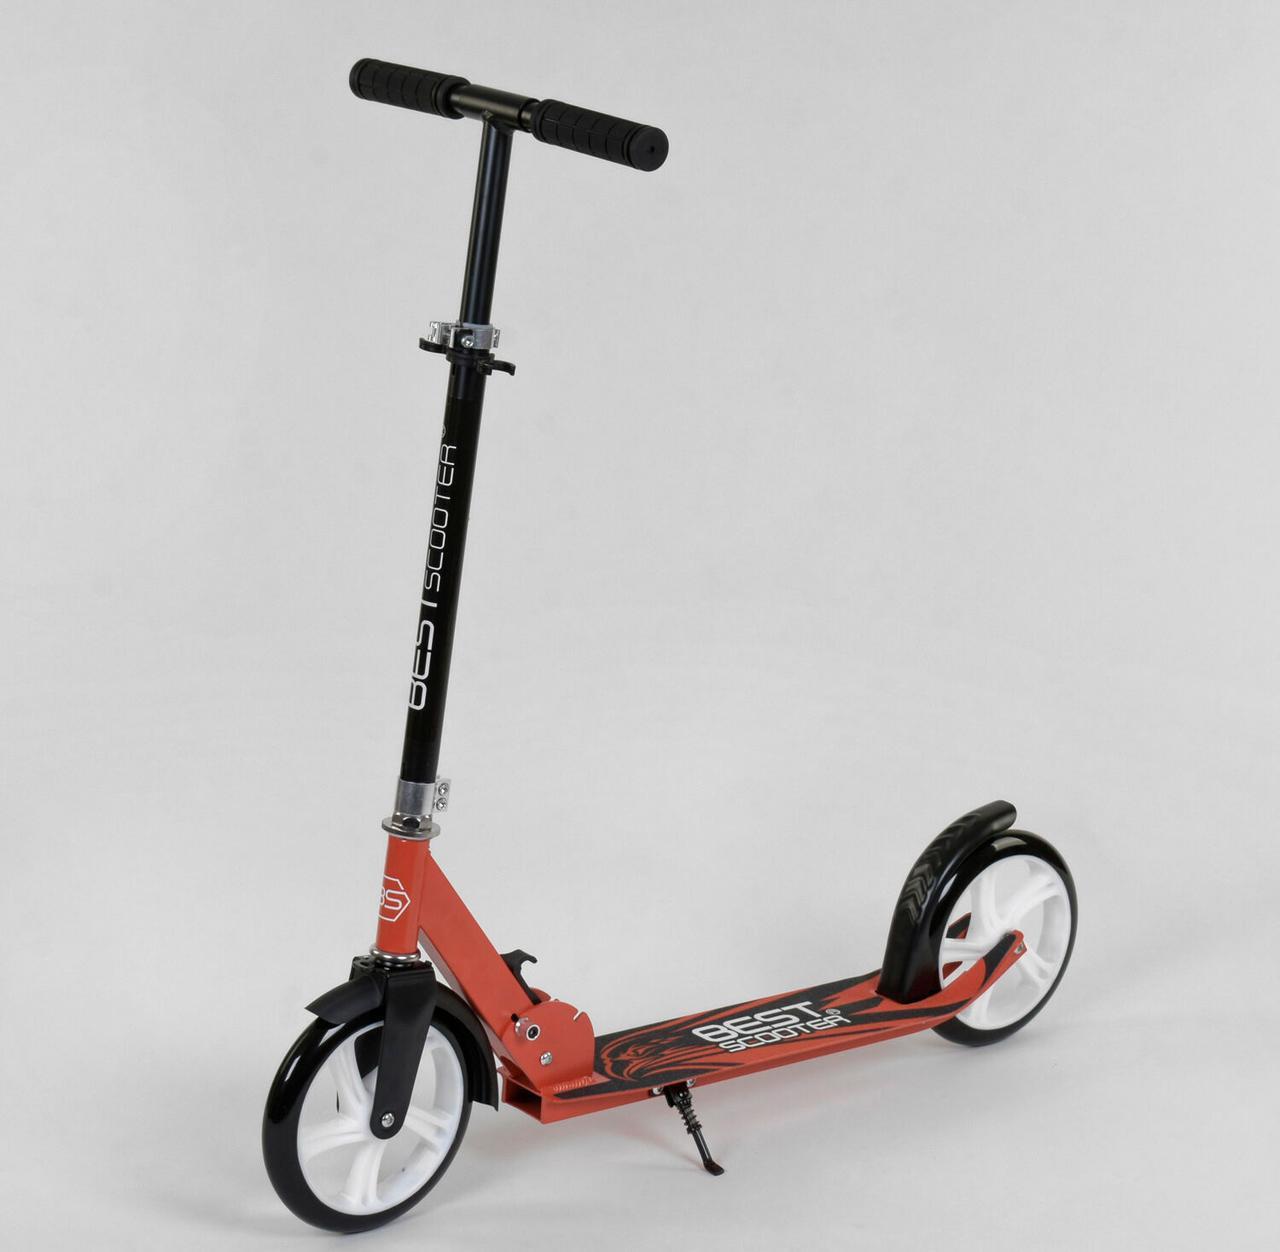 Самокат двухколесный  Best Scooter, Красный, цветные колеса PU - 20 см, зажим руля, длина доски 53 см